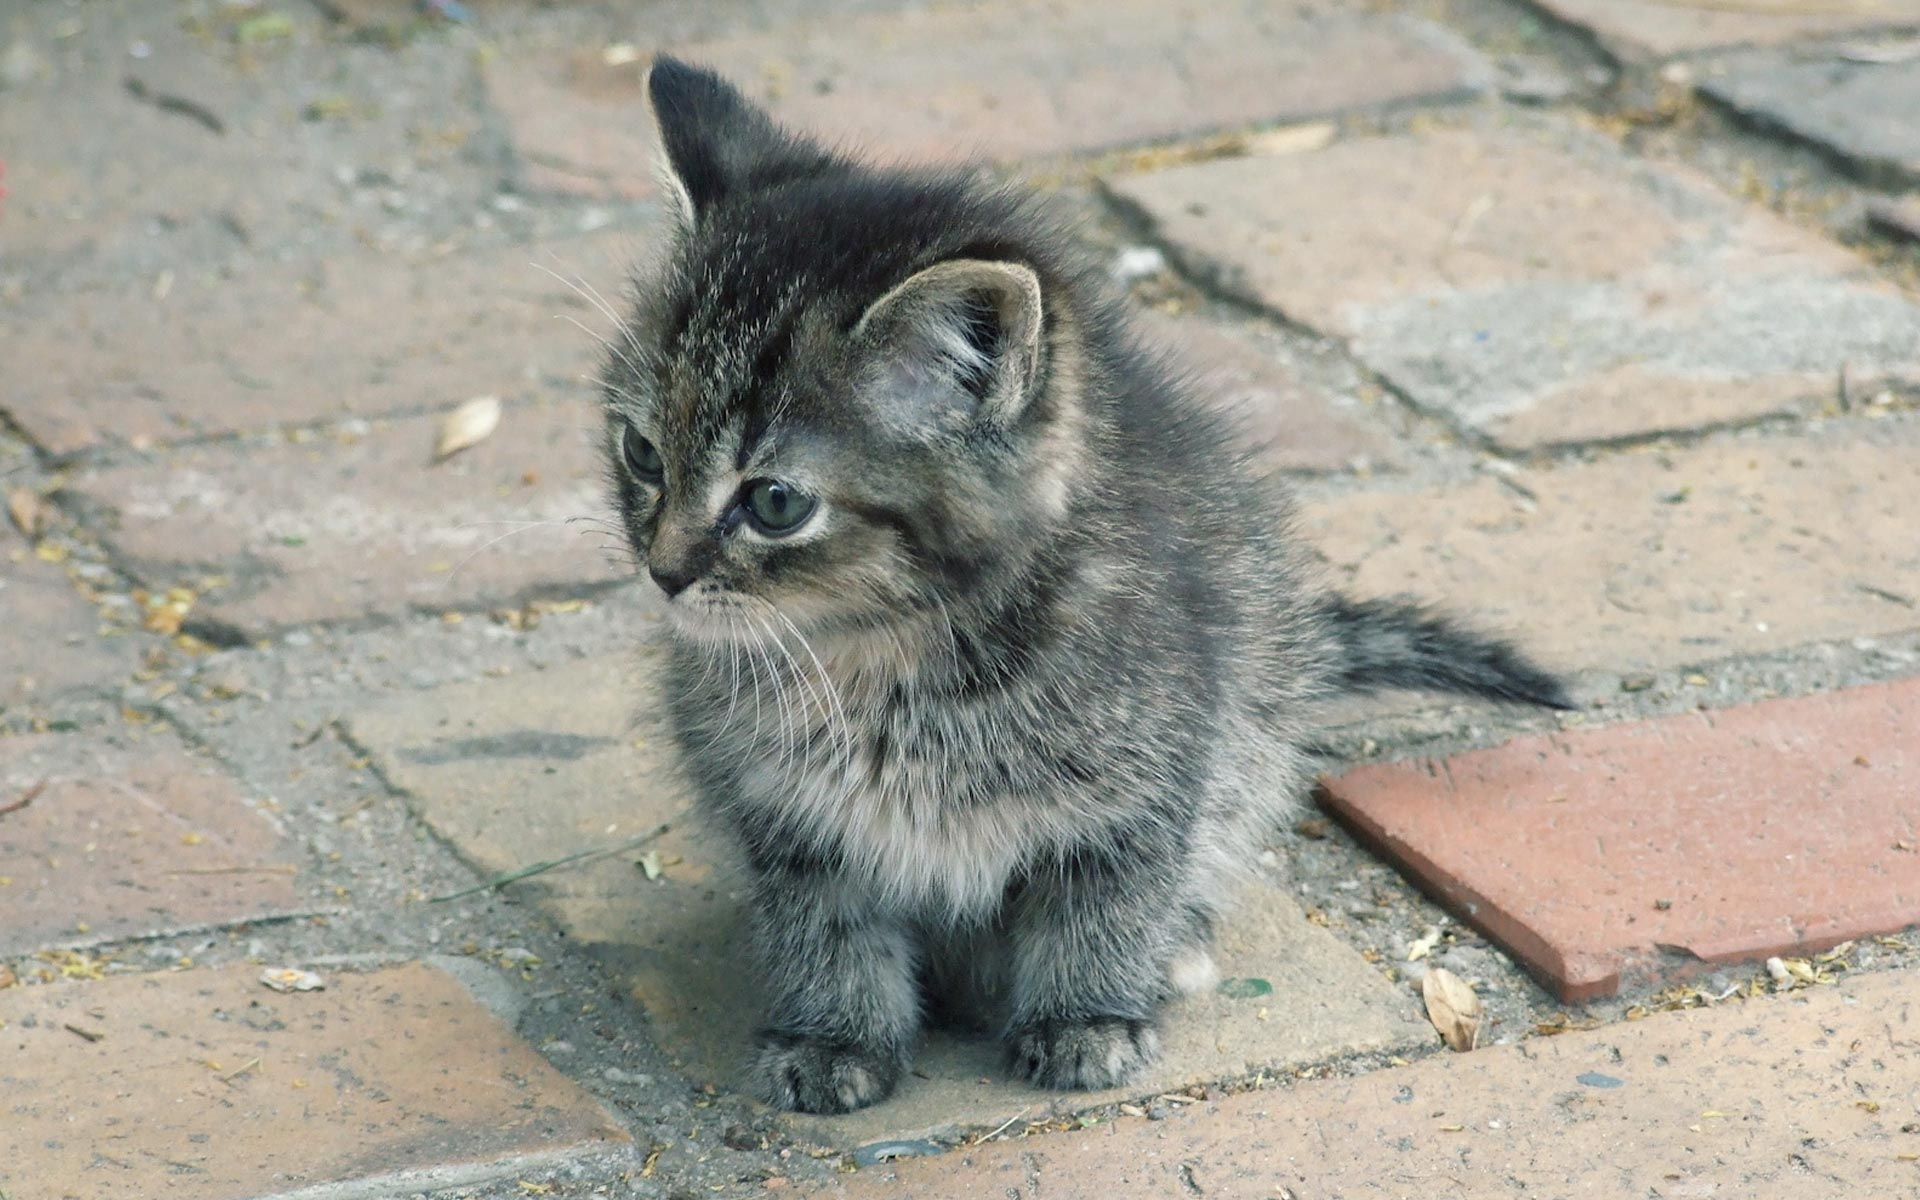 猫の壁紙でデスクトップに癒しと安らぎを☆猫の壁紙・猫画像22選!!